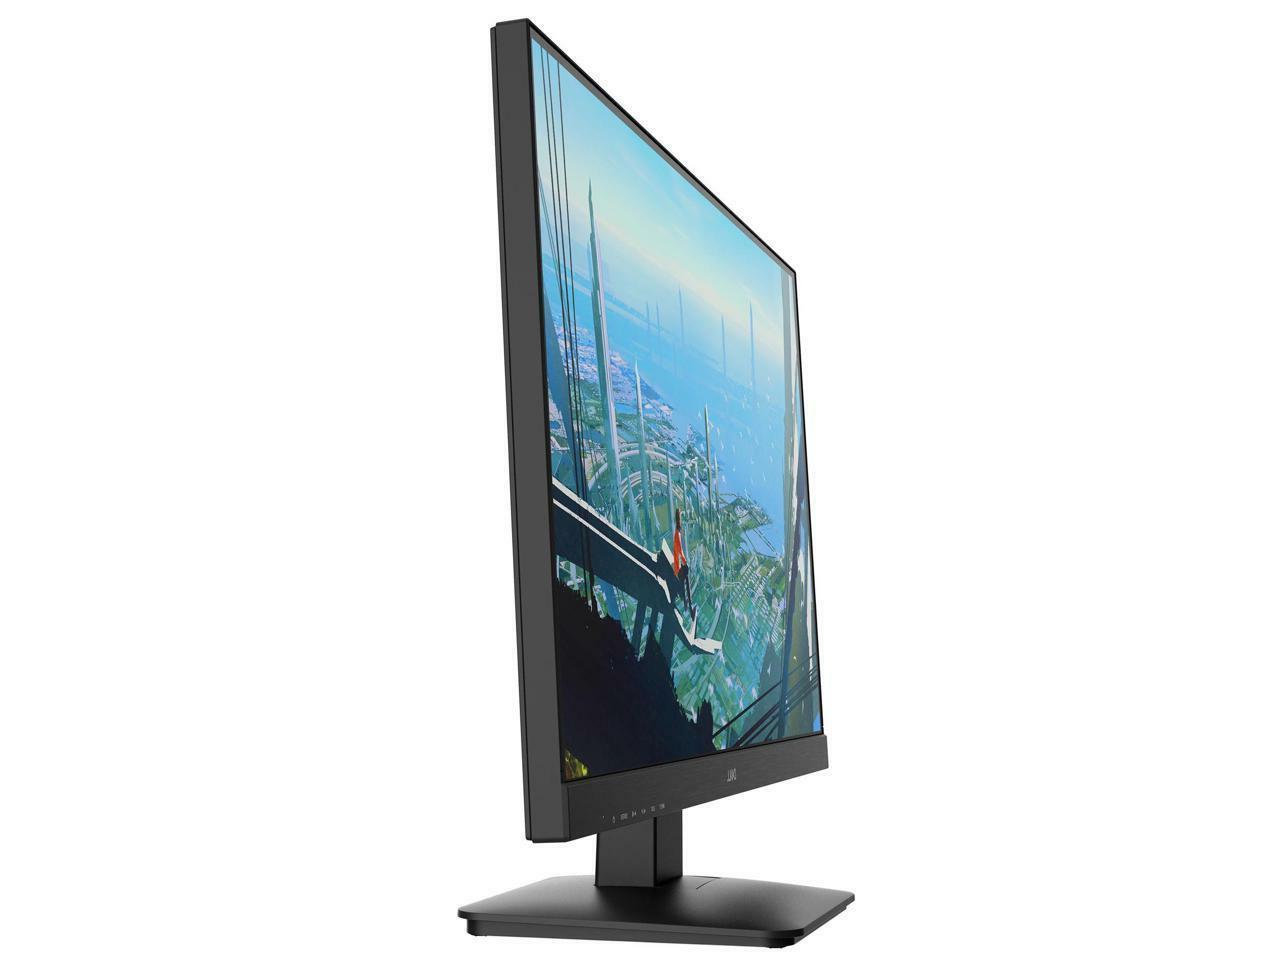 Dell 144Hz Backlight Monitor